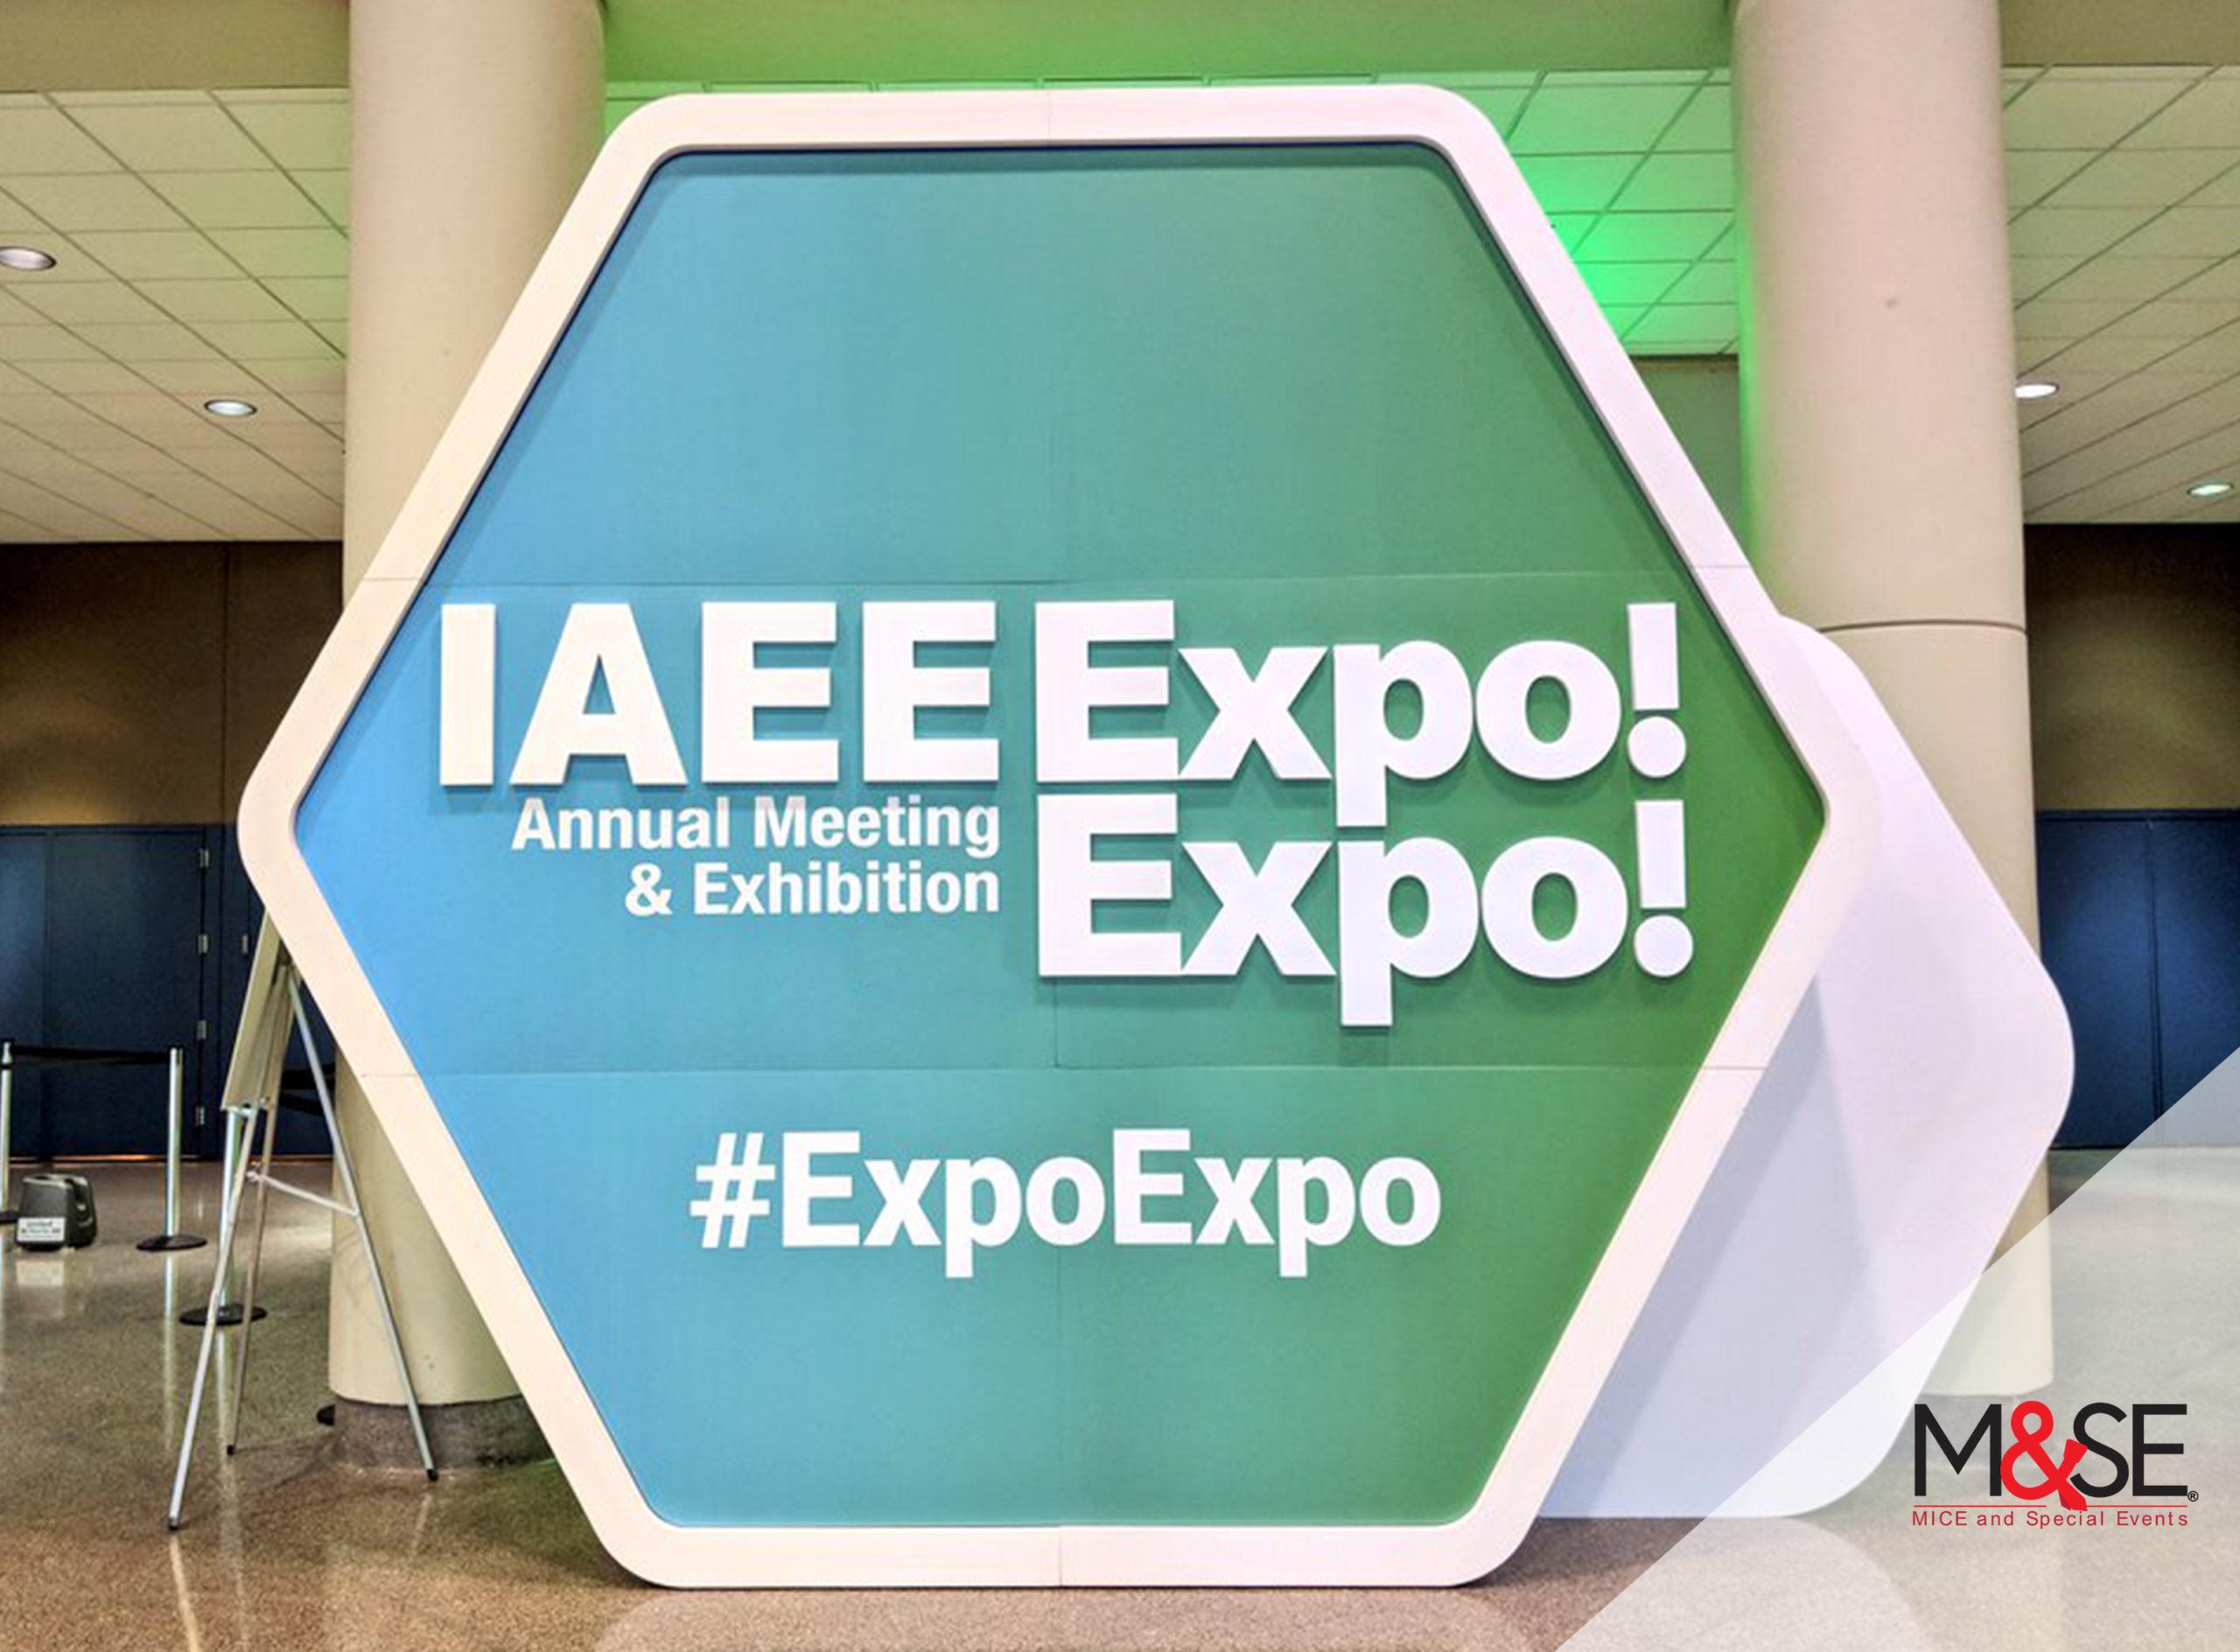 Expo Expo Philippines